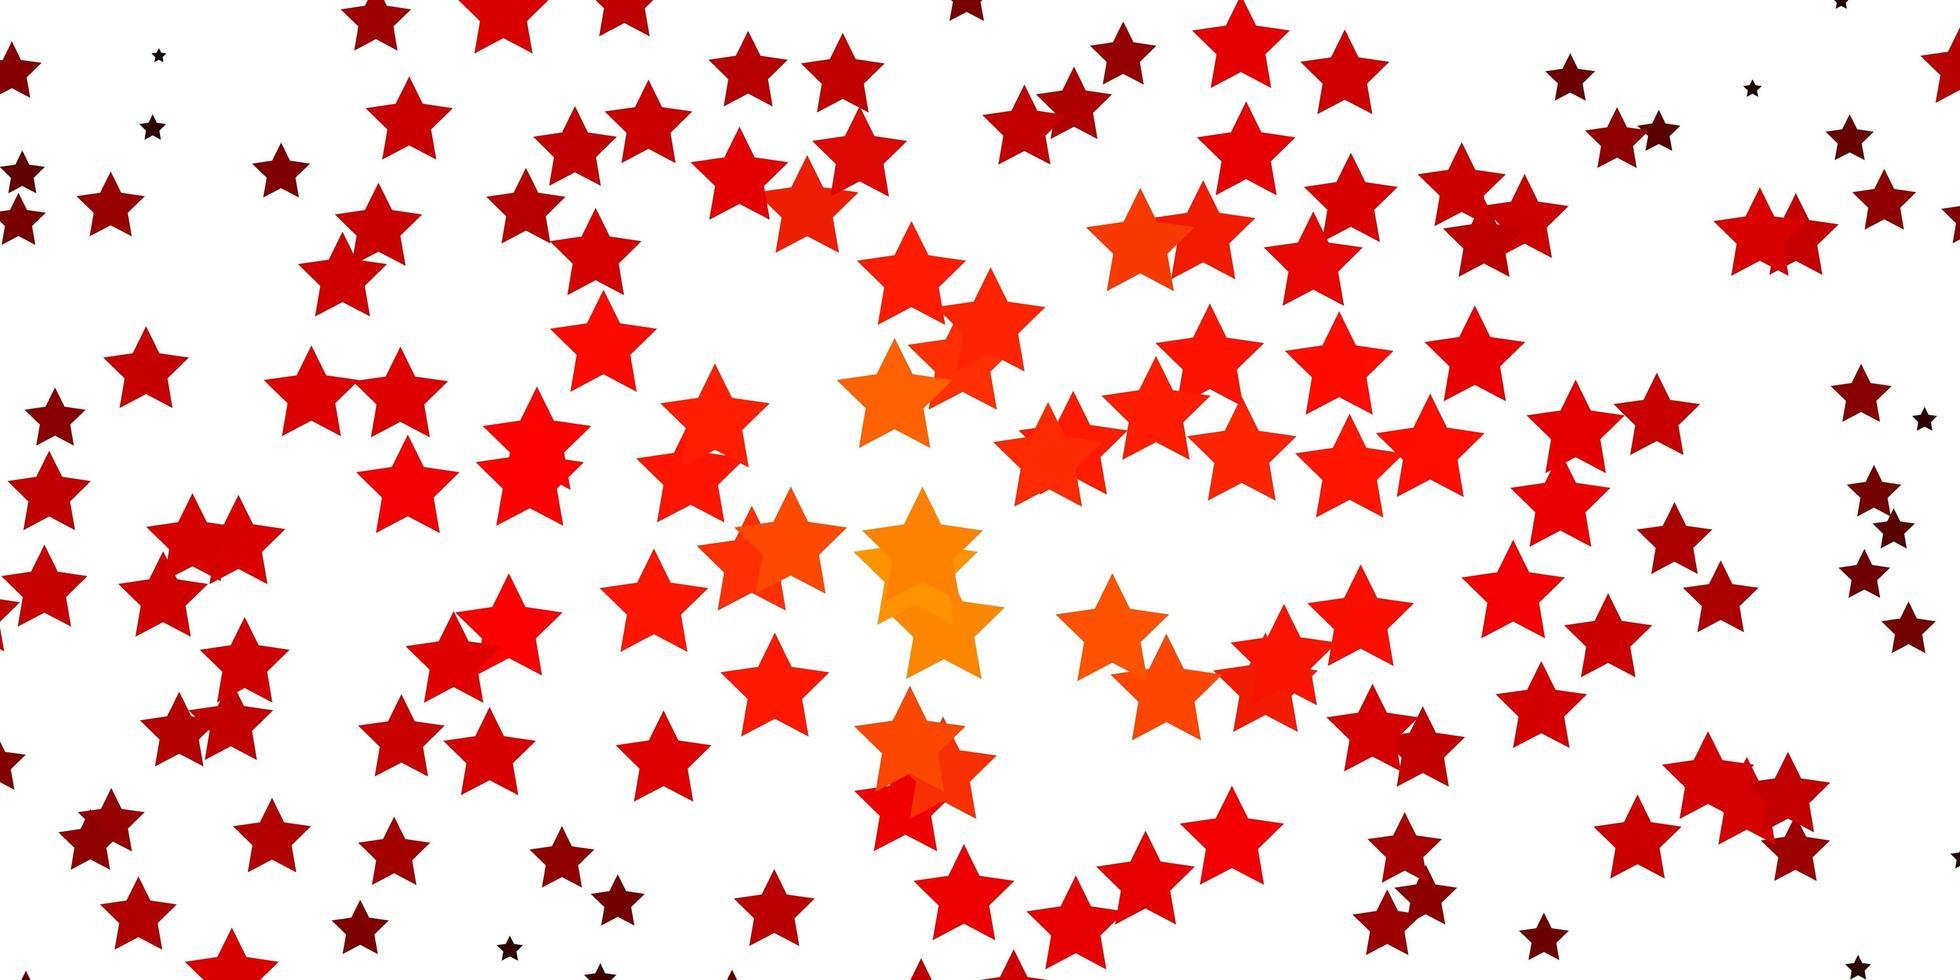 texture de vecteur rouge foncé avec de belles étoiles